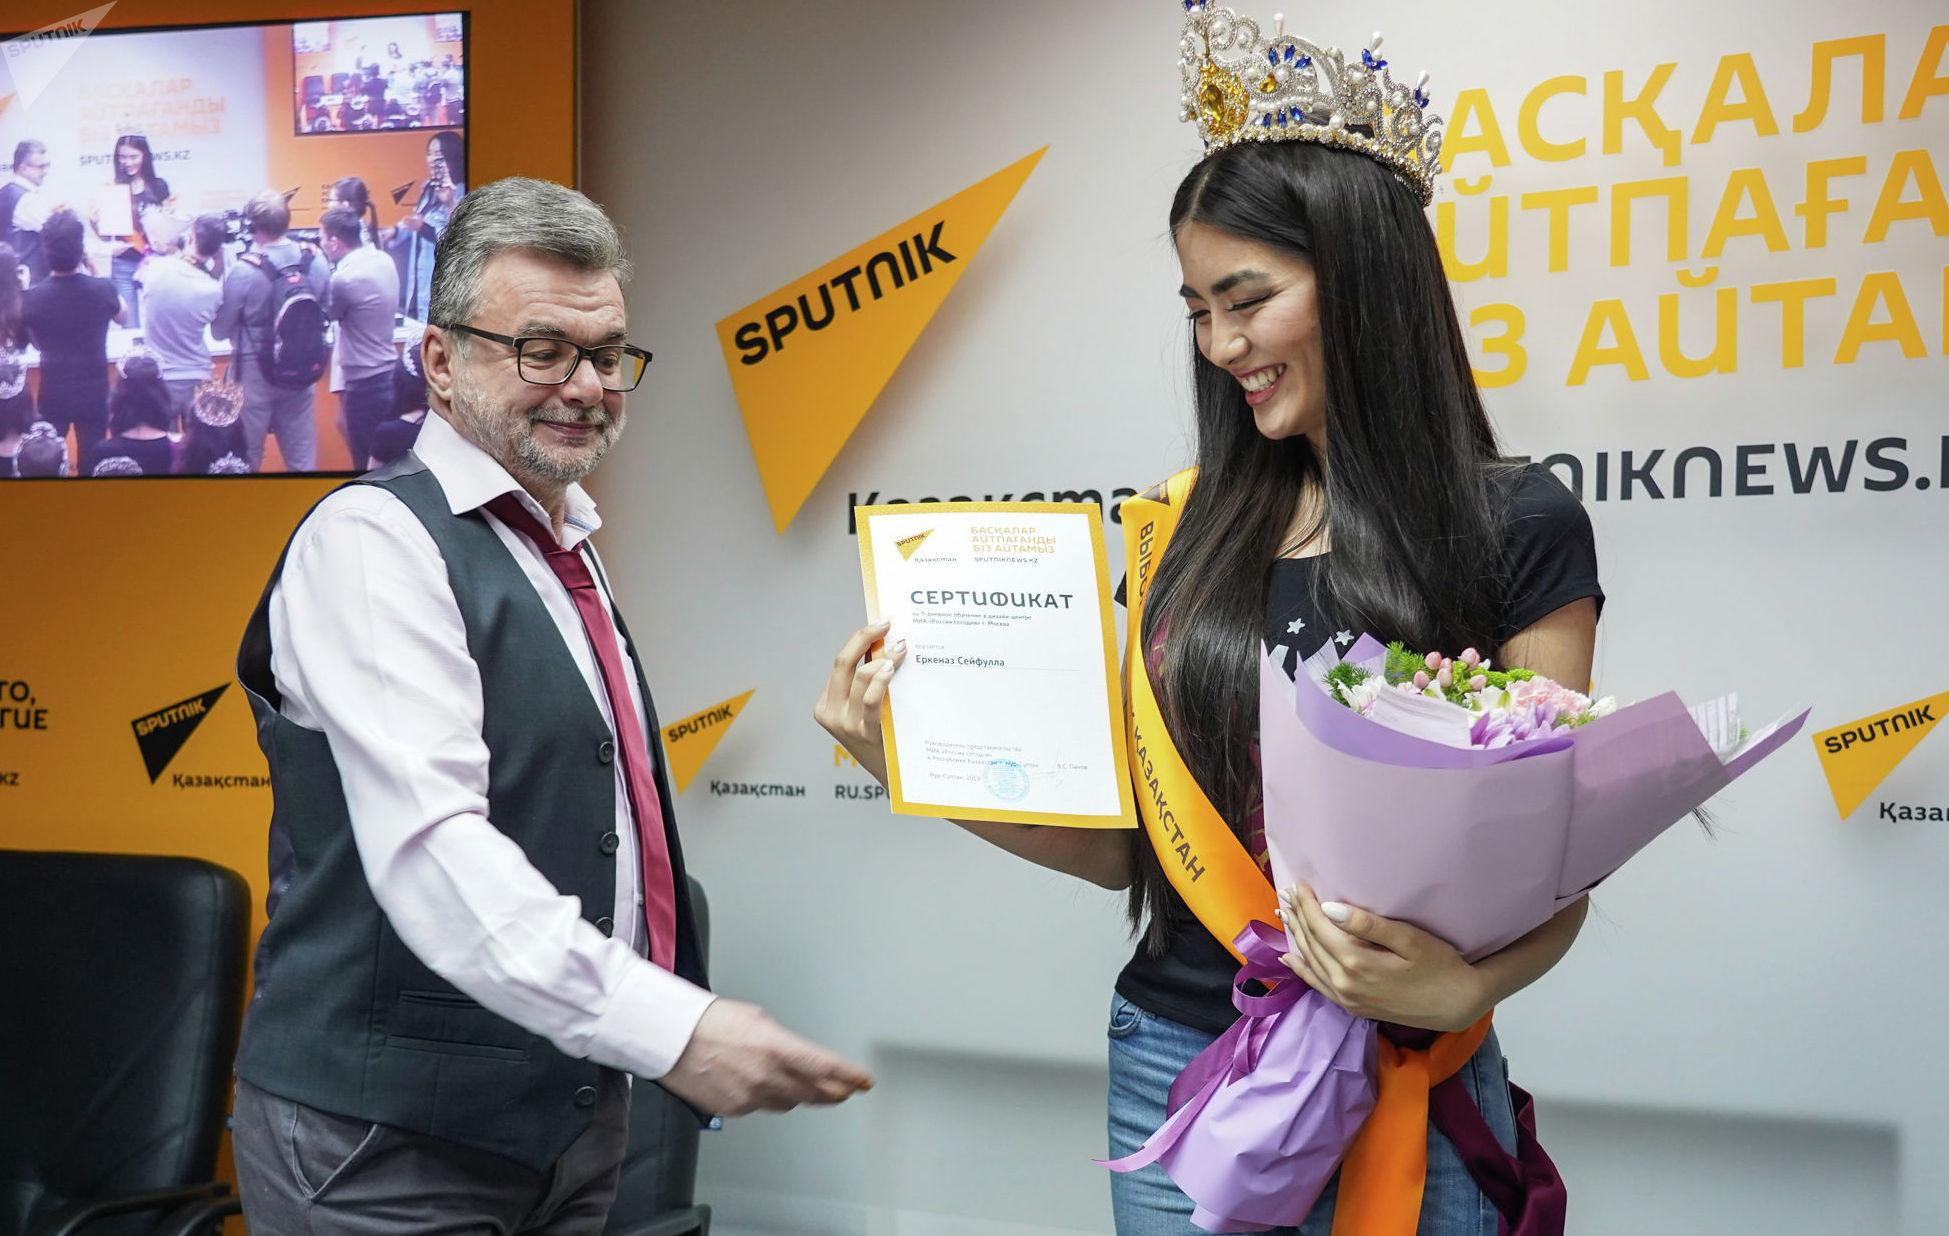 Руководитель представительства МИА Россия сегодня в Казахстане Виктор Панов вручил специальный приз Sputnik Еркеназ Сейфулле